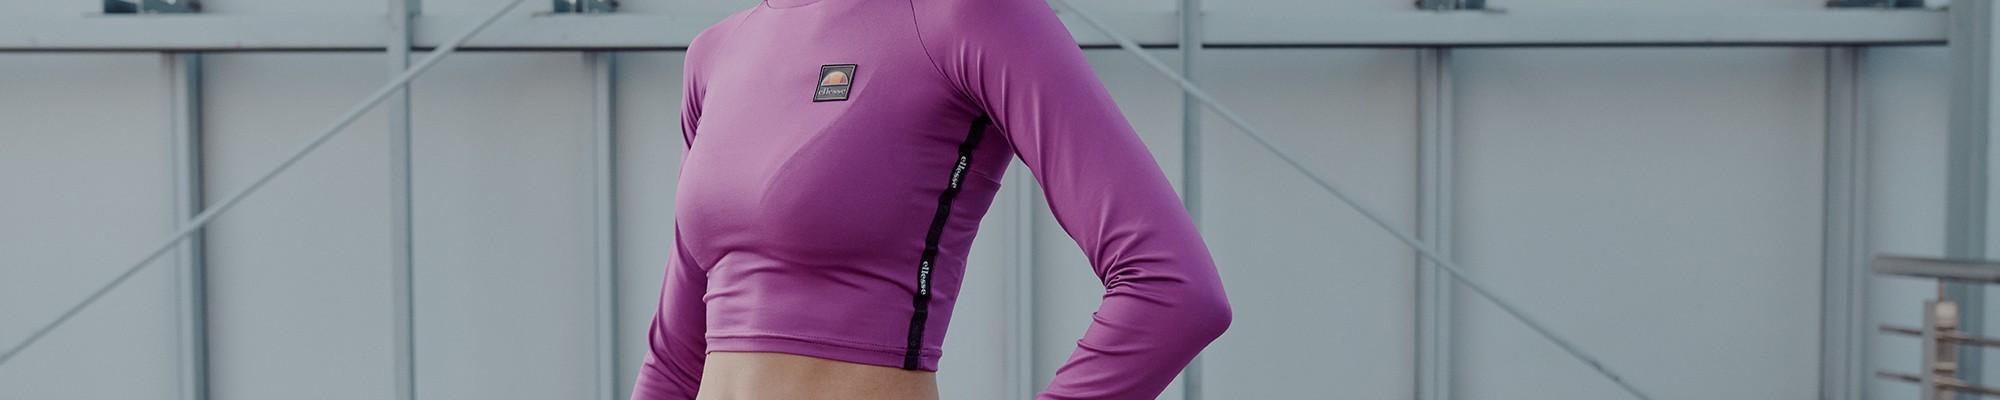 Camisetas deportivas de manga larga para mujer Ellesse